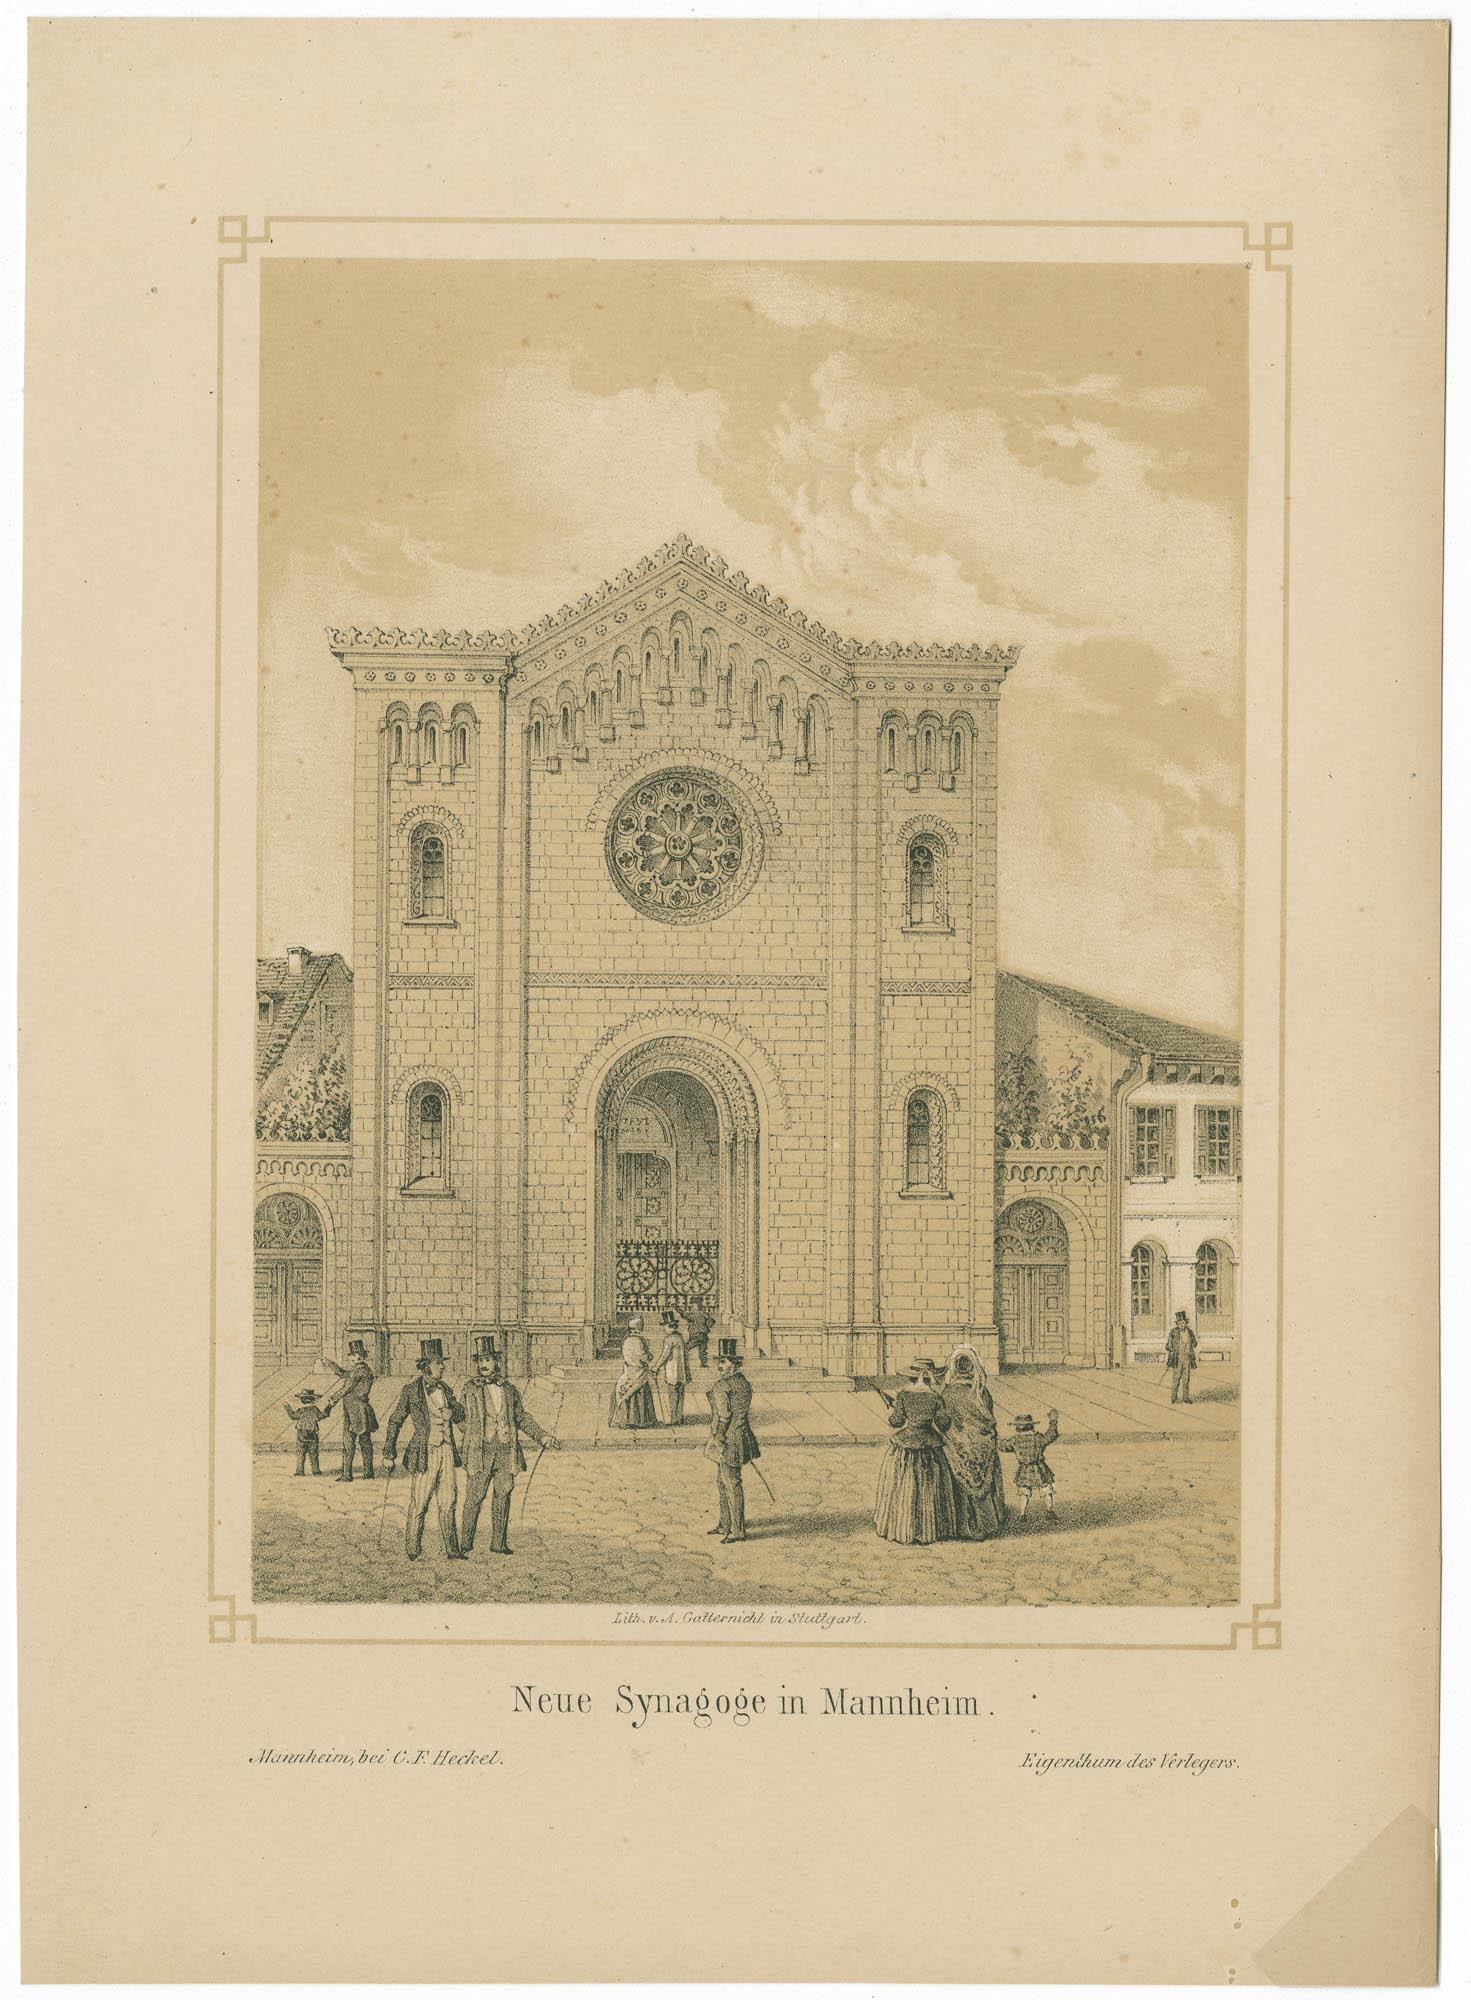 Neue Synagoge in Mannheim